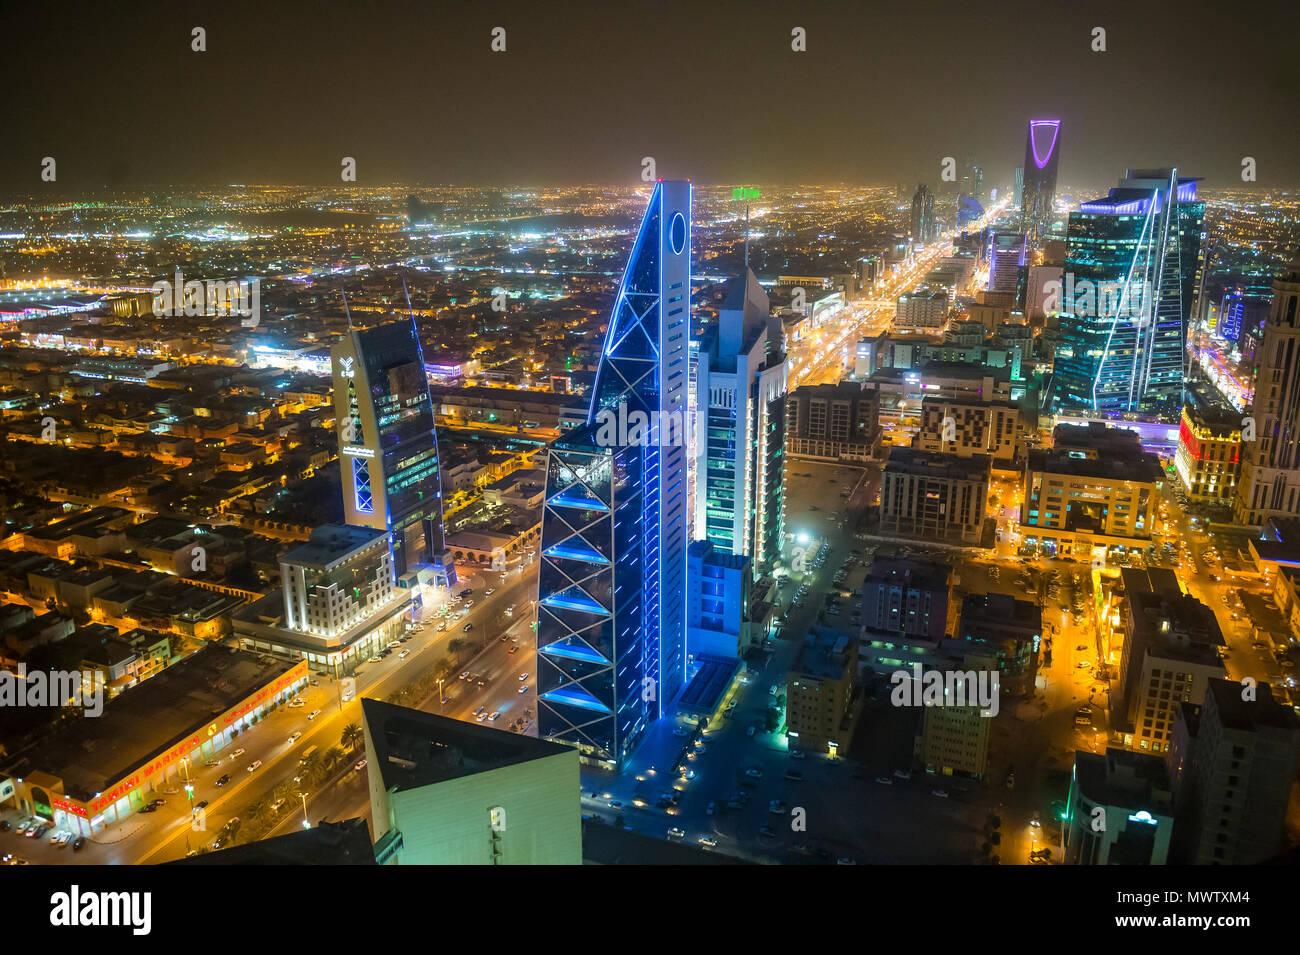 Vistas desde el Riad Al Faisaliyah Center rascacielos en Riad, Arabia Saudita, Oriente Medio Imagen De Stock